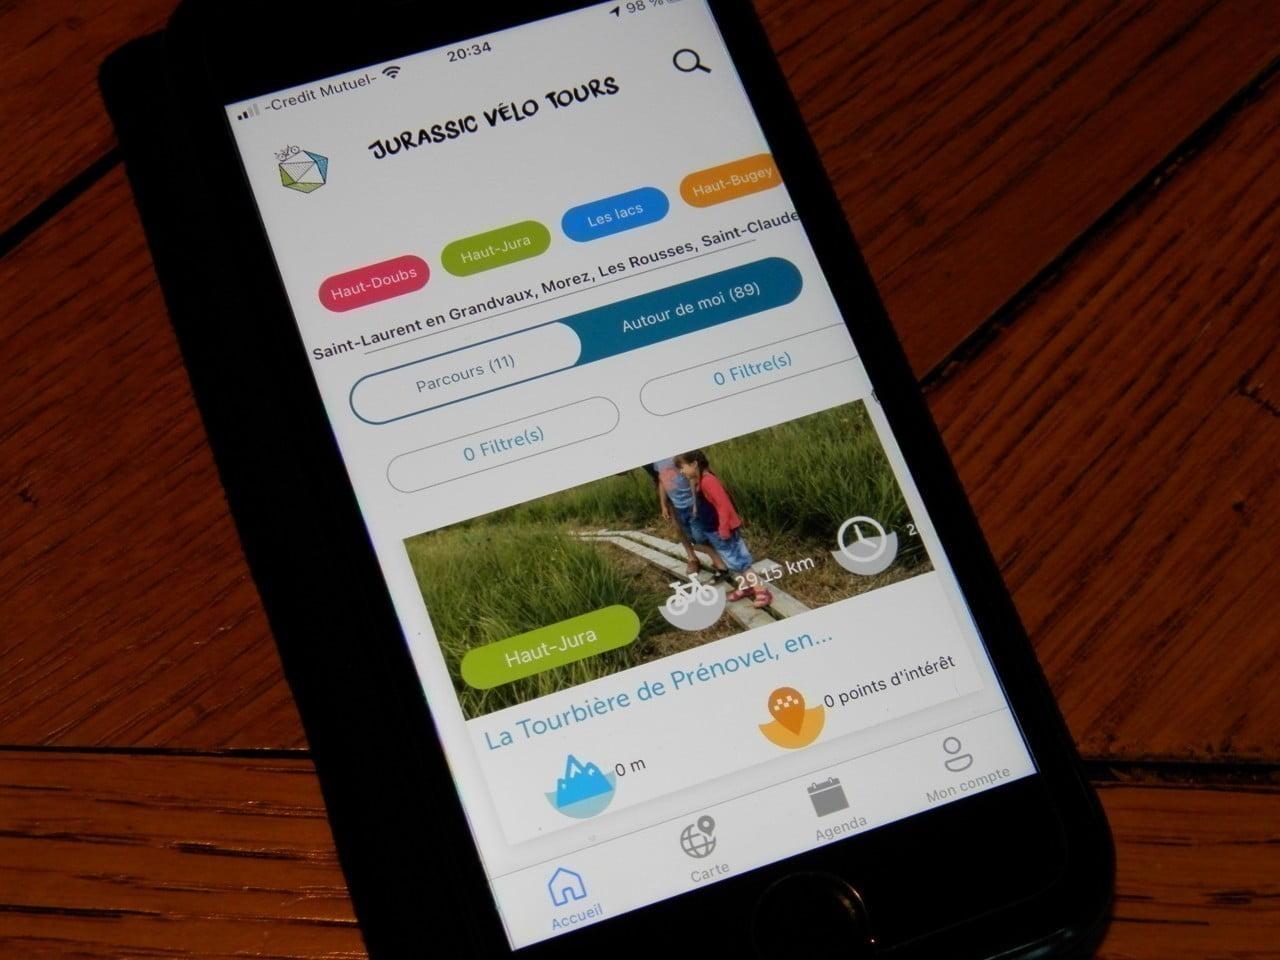 Jura. Jurassic Vélo Tours : suivez le guide grâce à une application à charger sur votre téléphone !